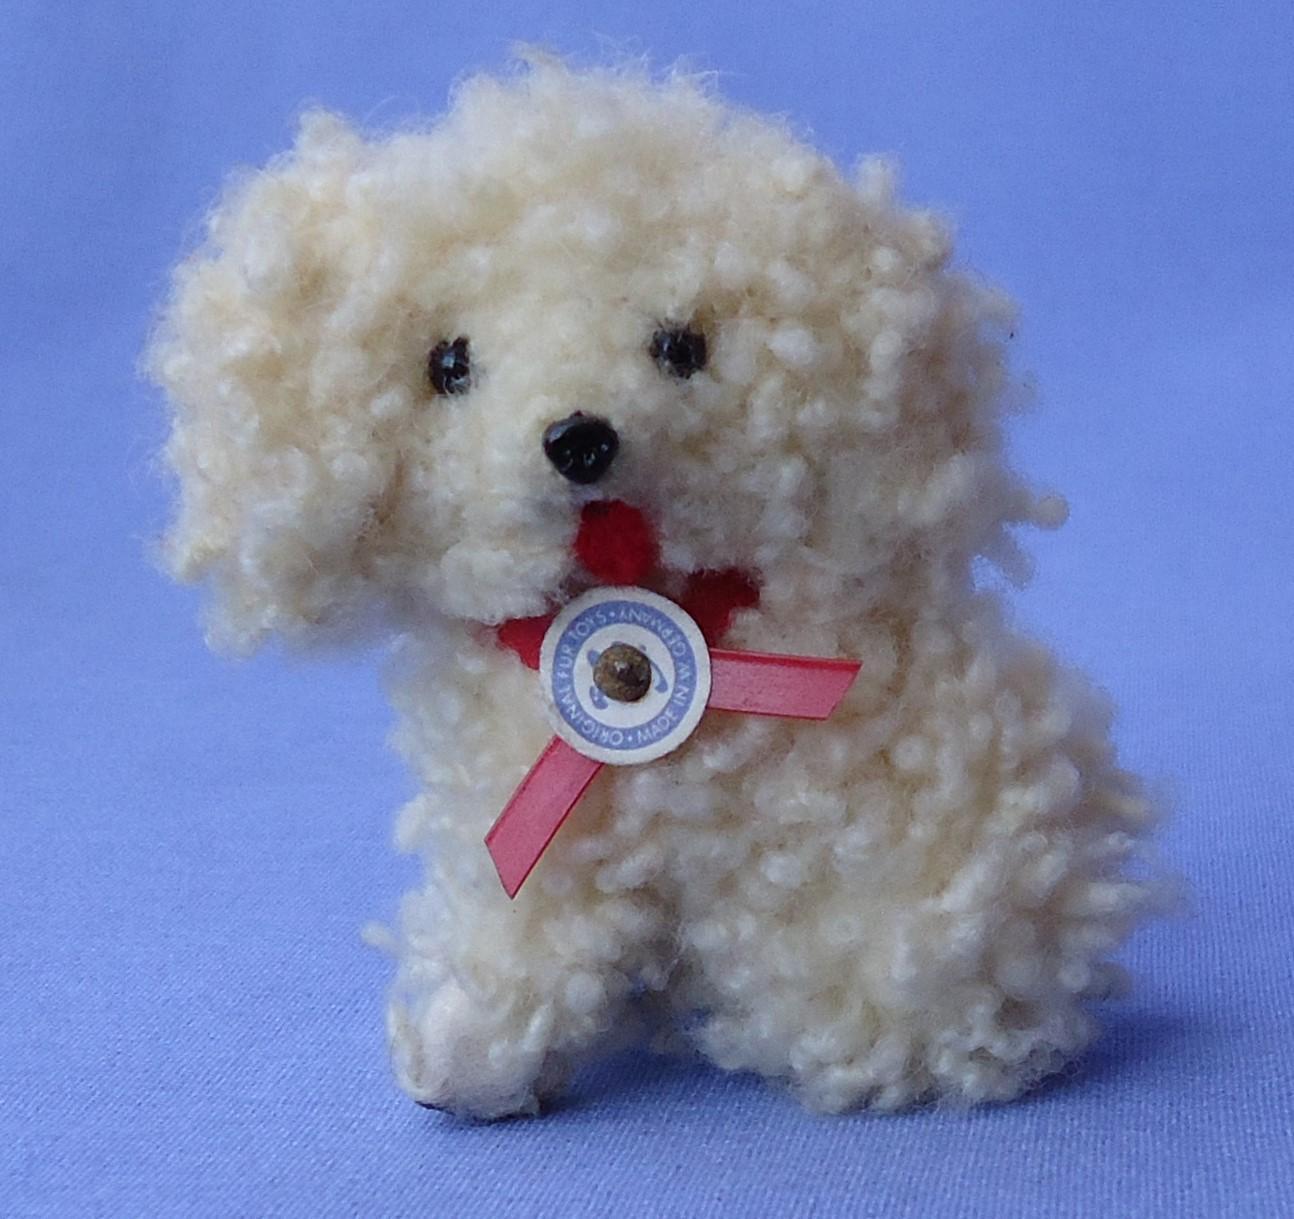 curly fur Havanese salon dog French fashion doll Germany